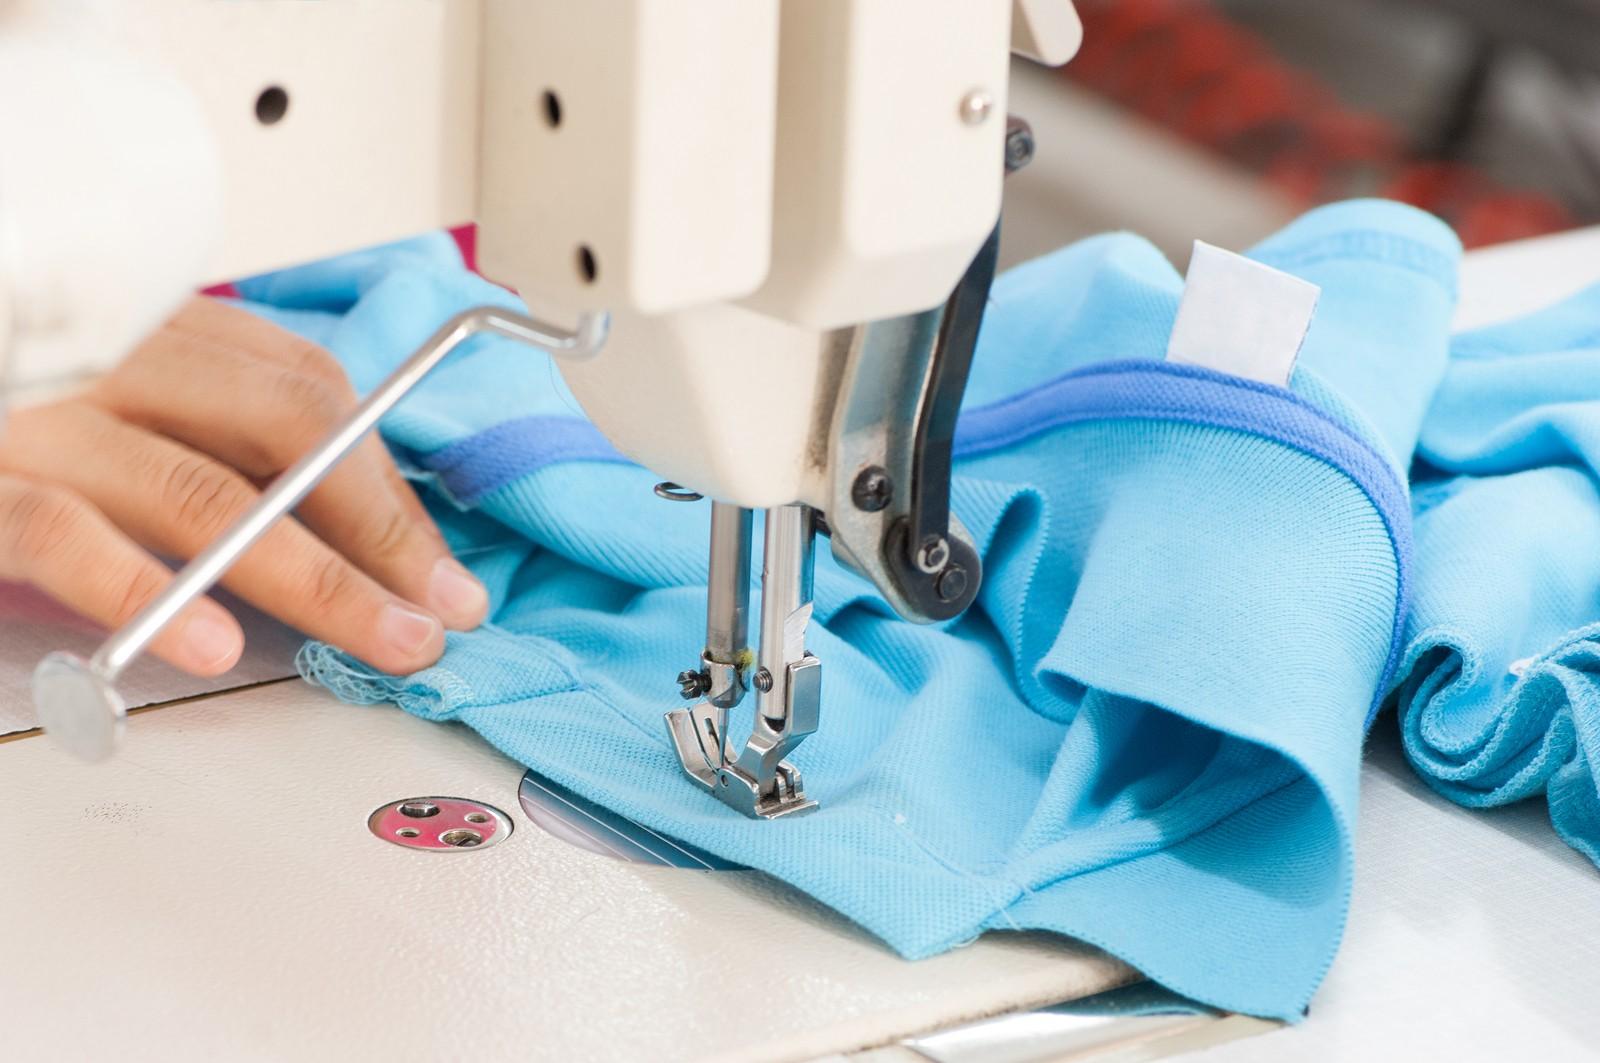 صادرات الملابس الجاهزة المصرية تتراجع لـ 267 مليون دولار خلال شهرين